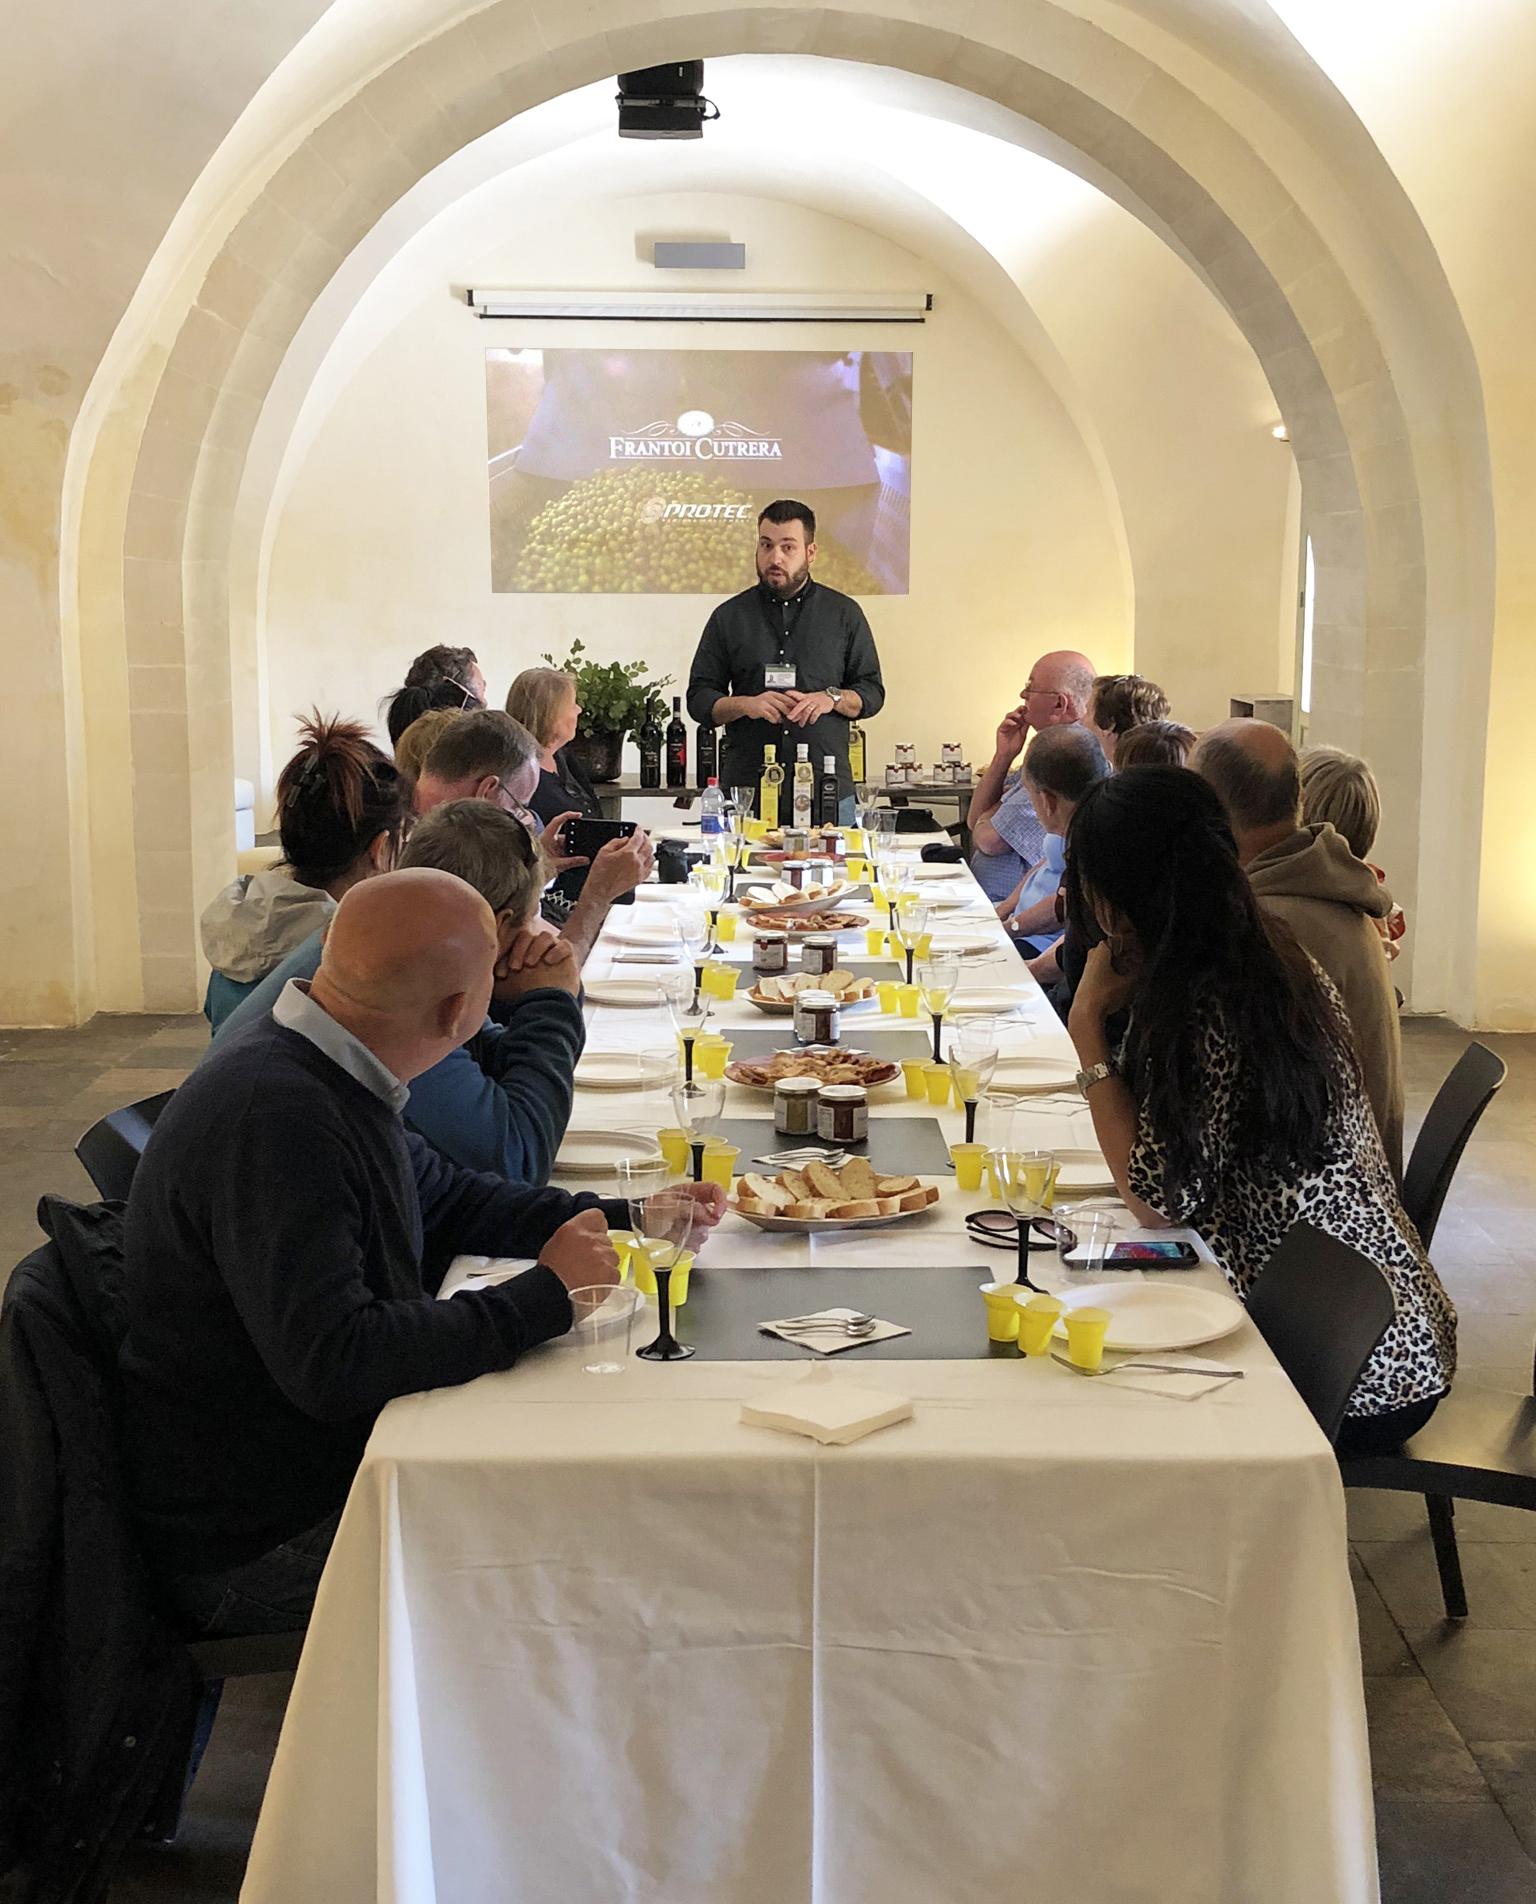 Frantoi Cutrera Experience – visita al frantoio e degustazione prodotti